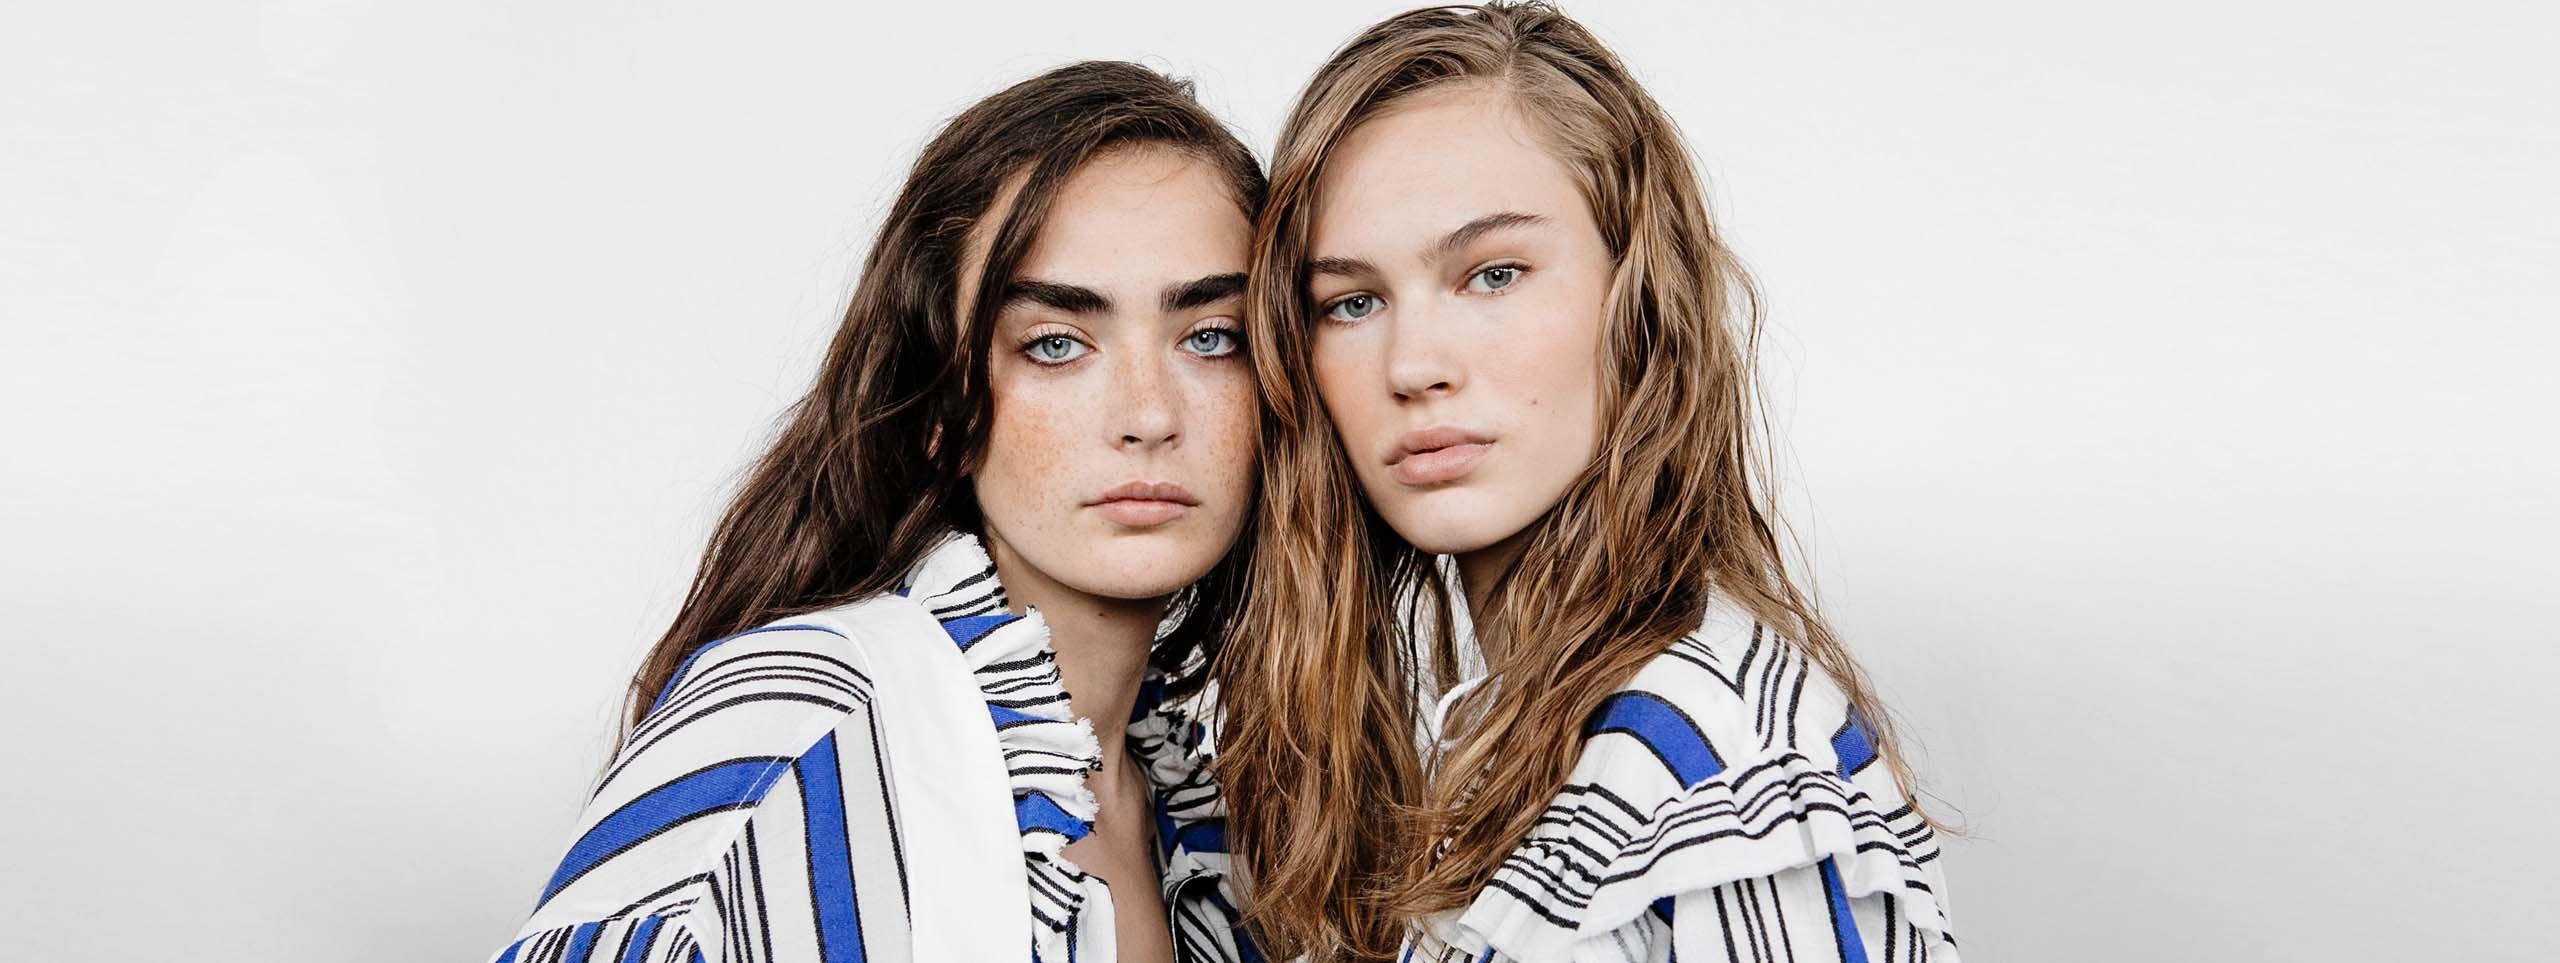 Dve žene - smeđokosa i plavuša - sa usklađenom garderobom, lepljivom, srednje dugom kosom i masnim skalpom.